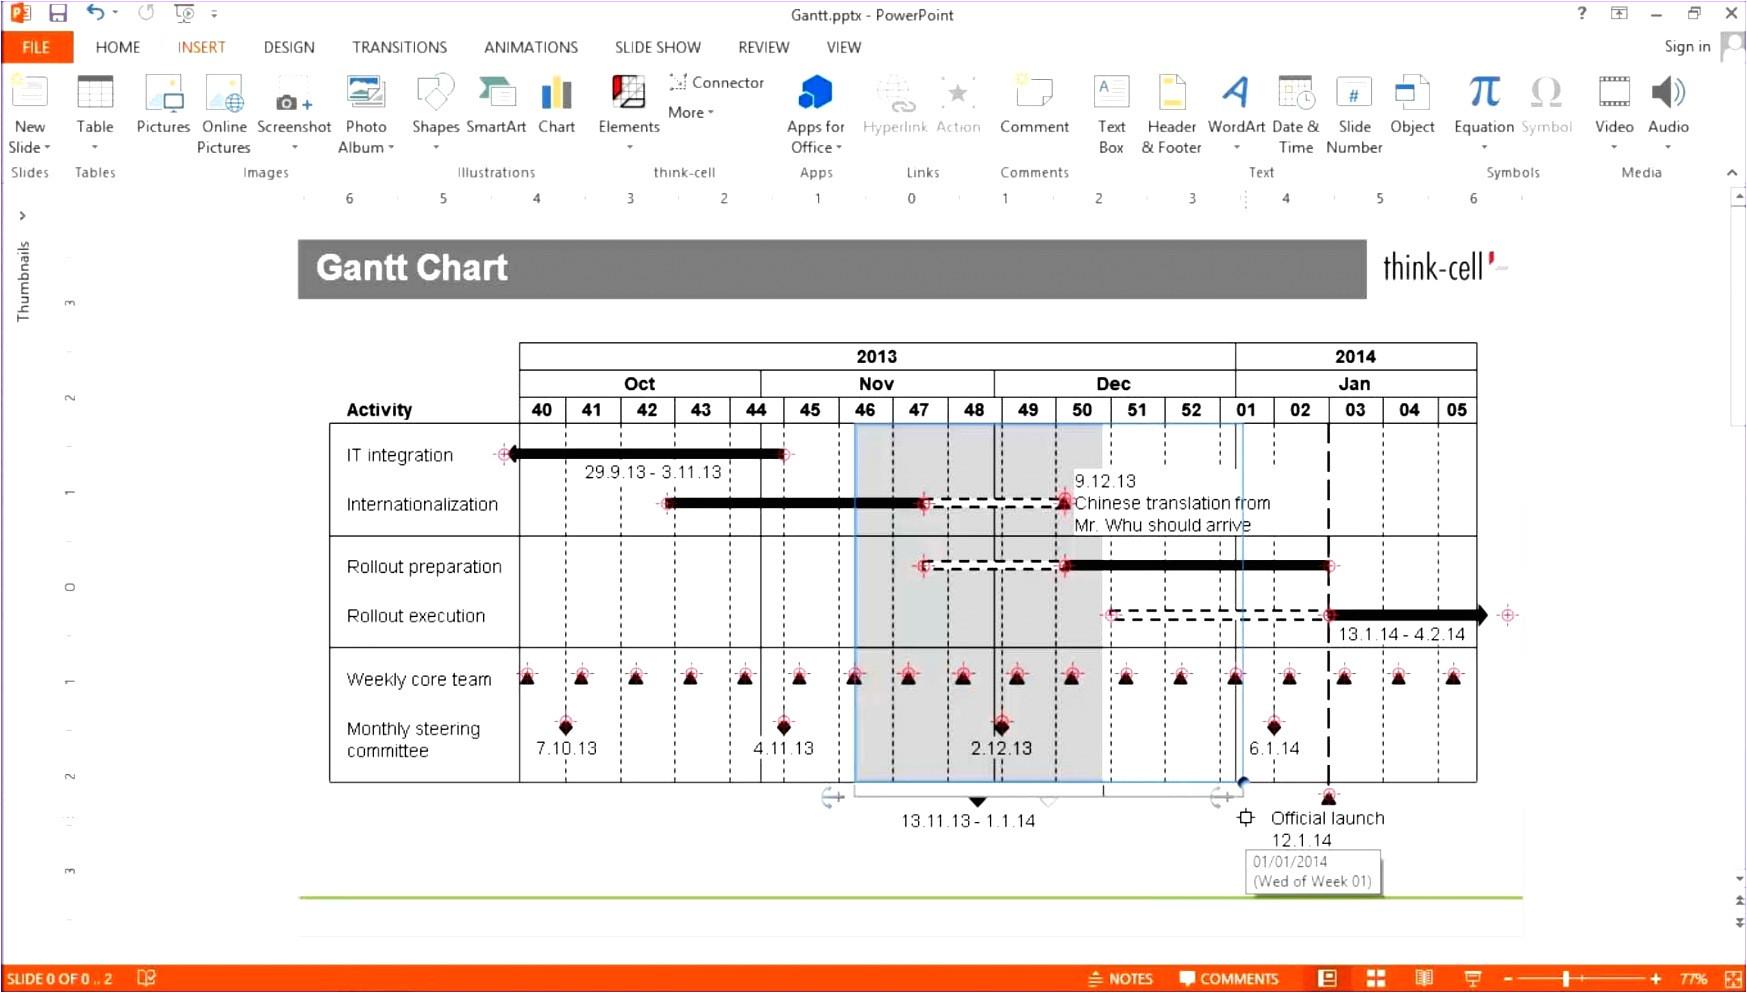 gantt chart excel template 2012 wgxdh inspirational powerpoint charts waterfall gantt mekko process flow and